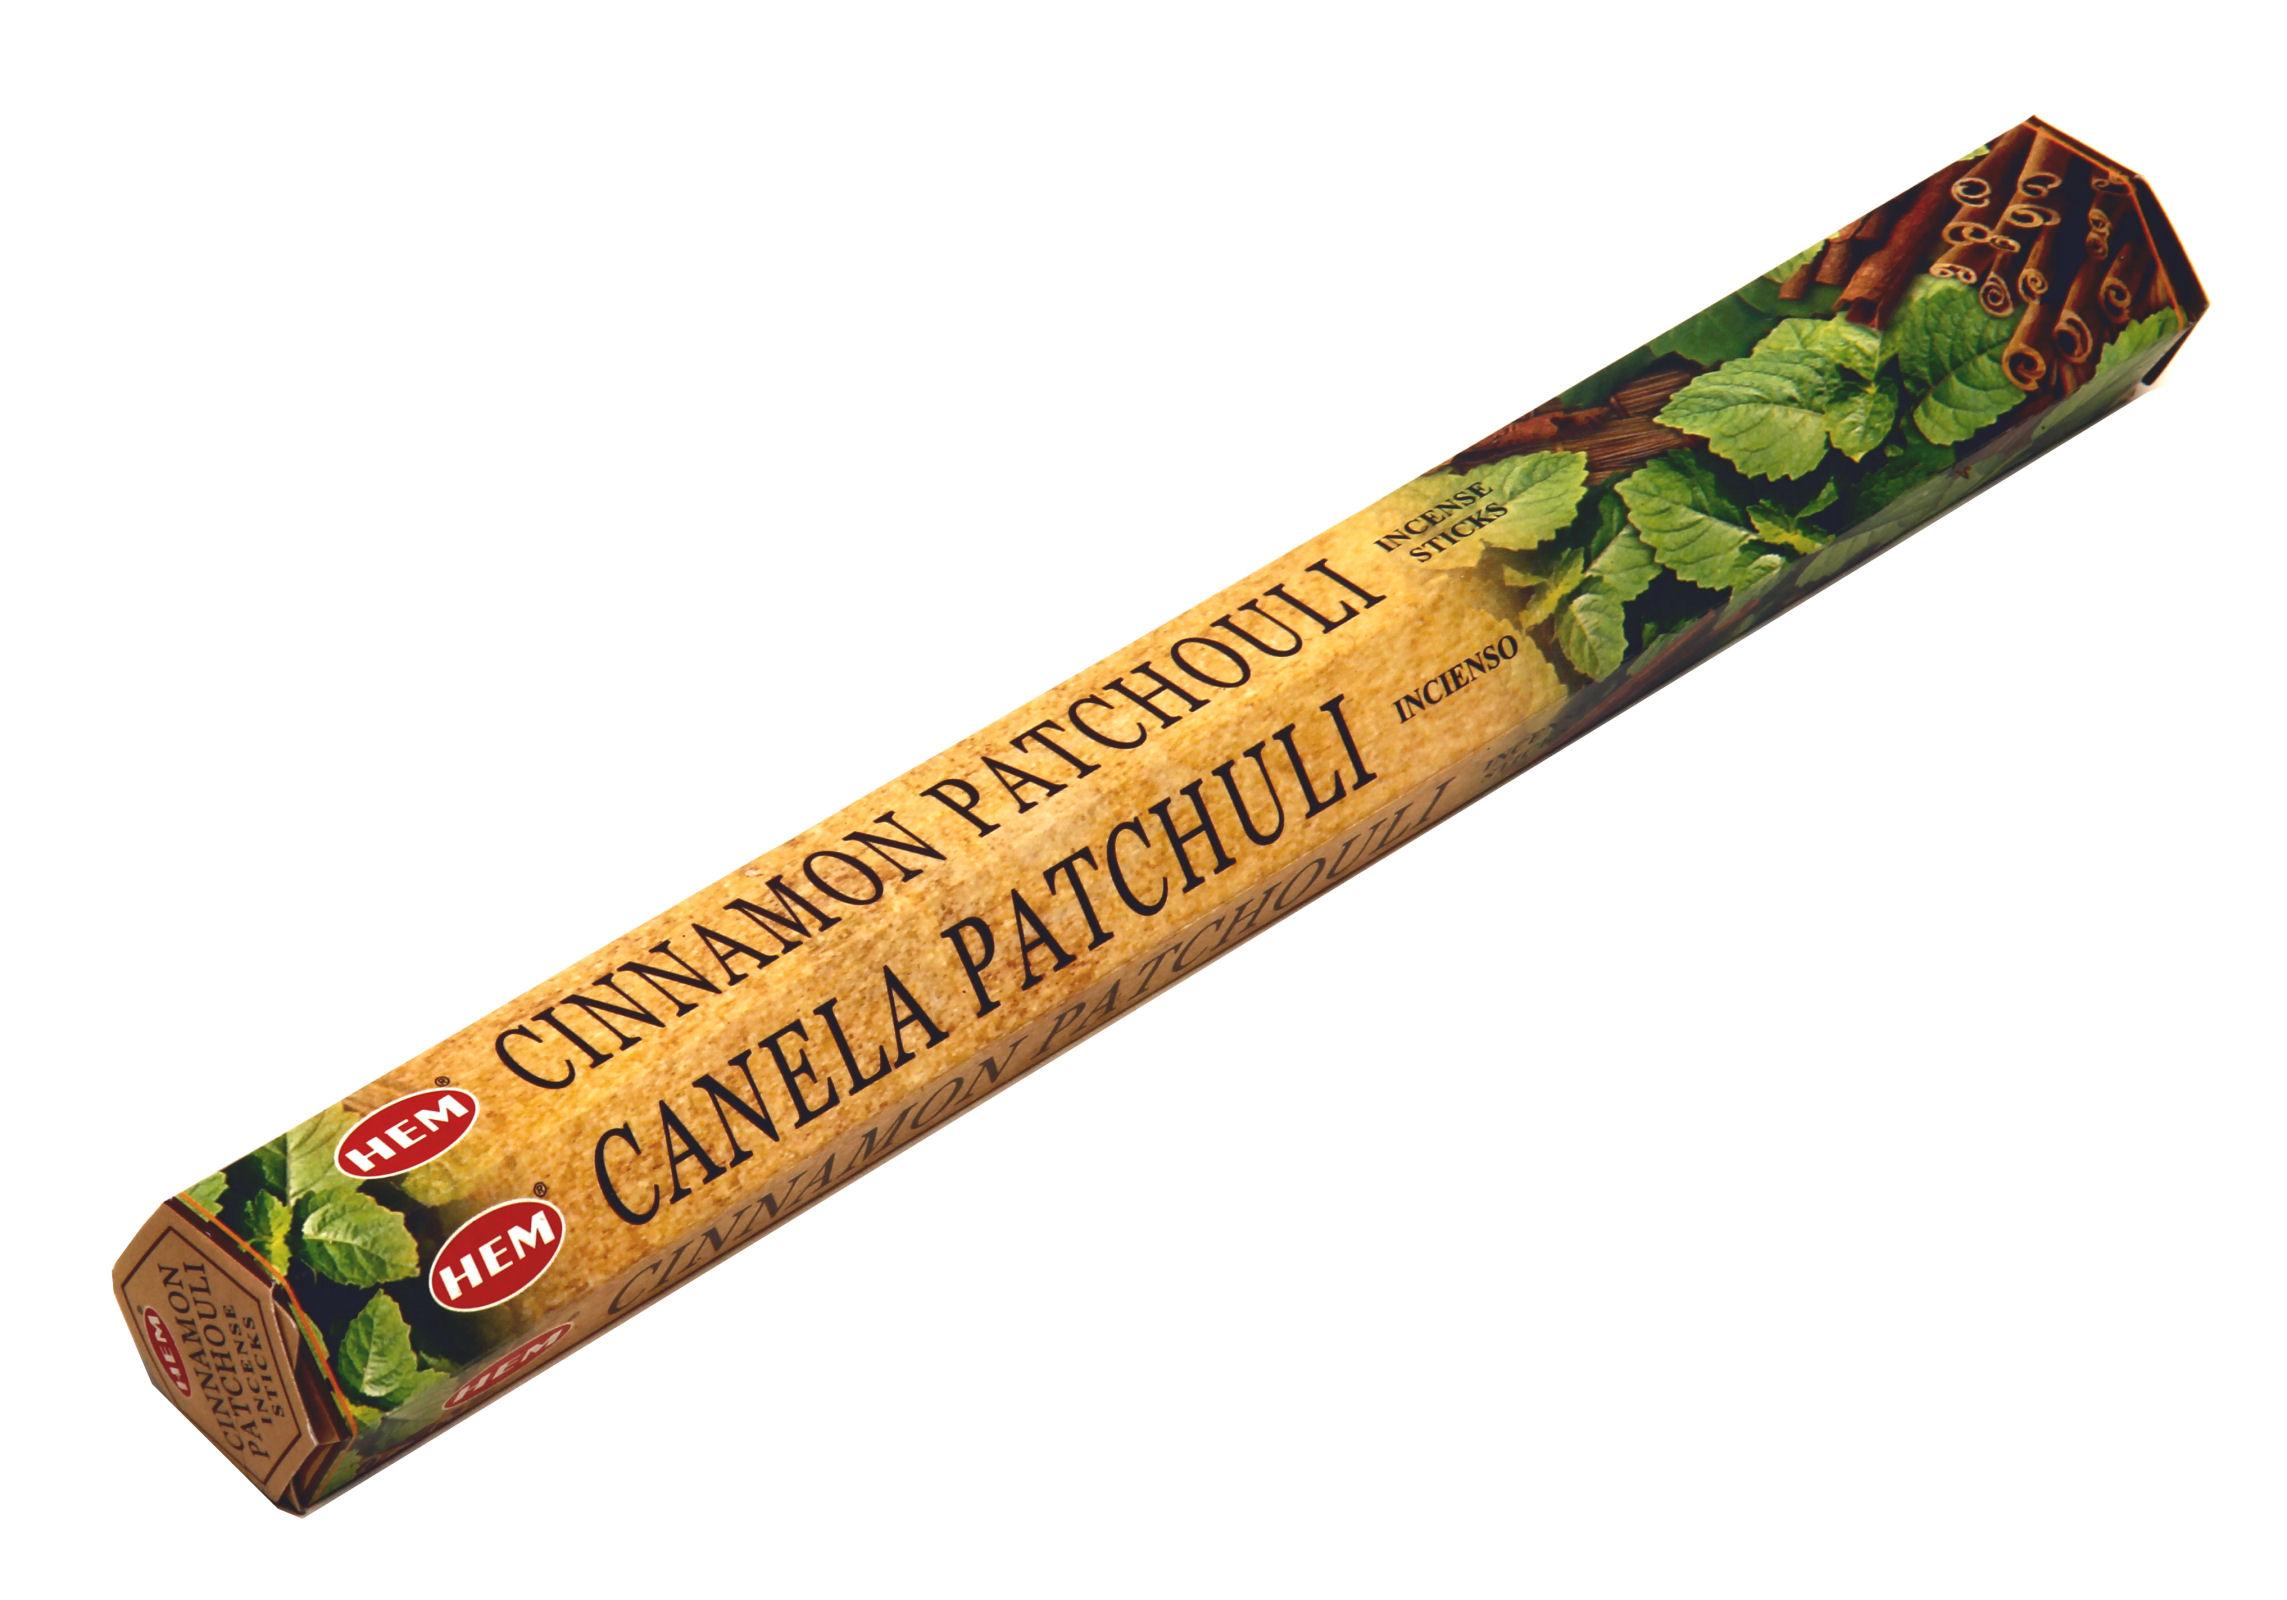 HEM Räucherstäbchen Sparset. 6 Packungen ca. 120 Sticks Cinnamon Patchouli